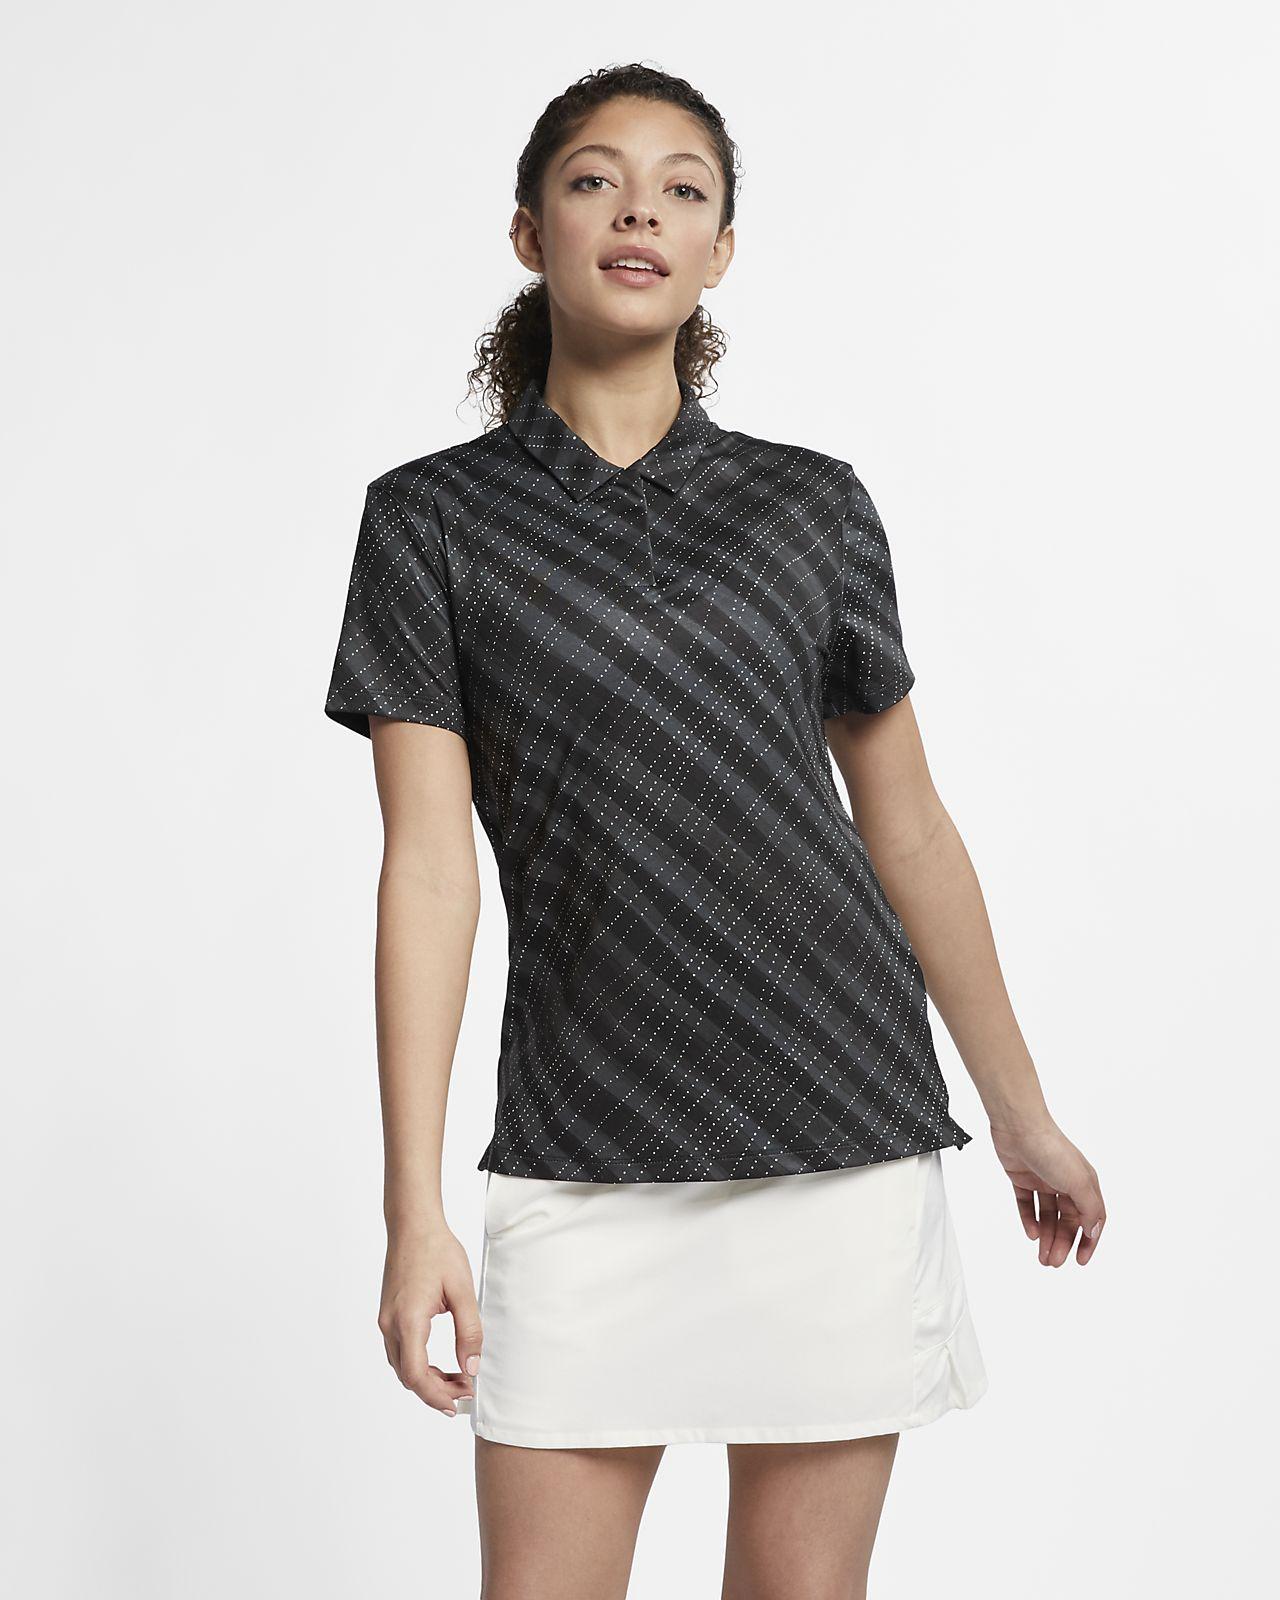 Nike Dri-FIT UV mintás női golfpóló